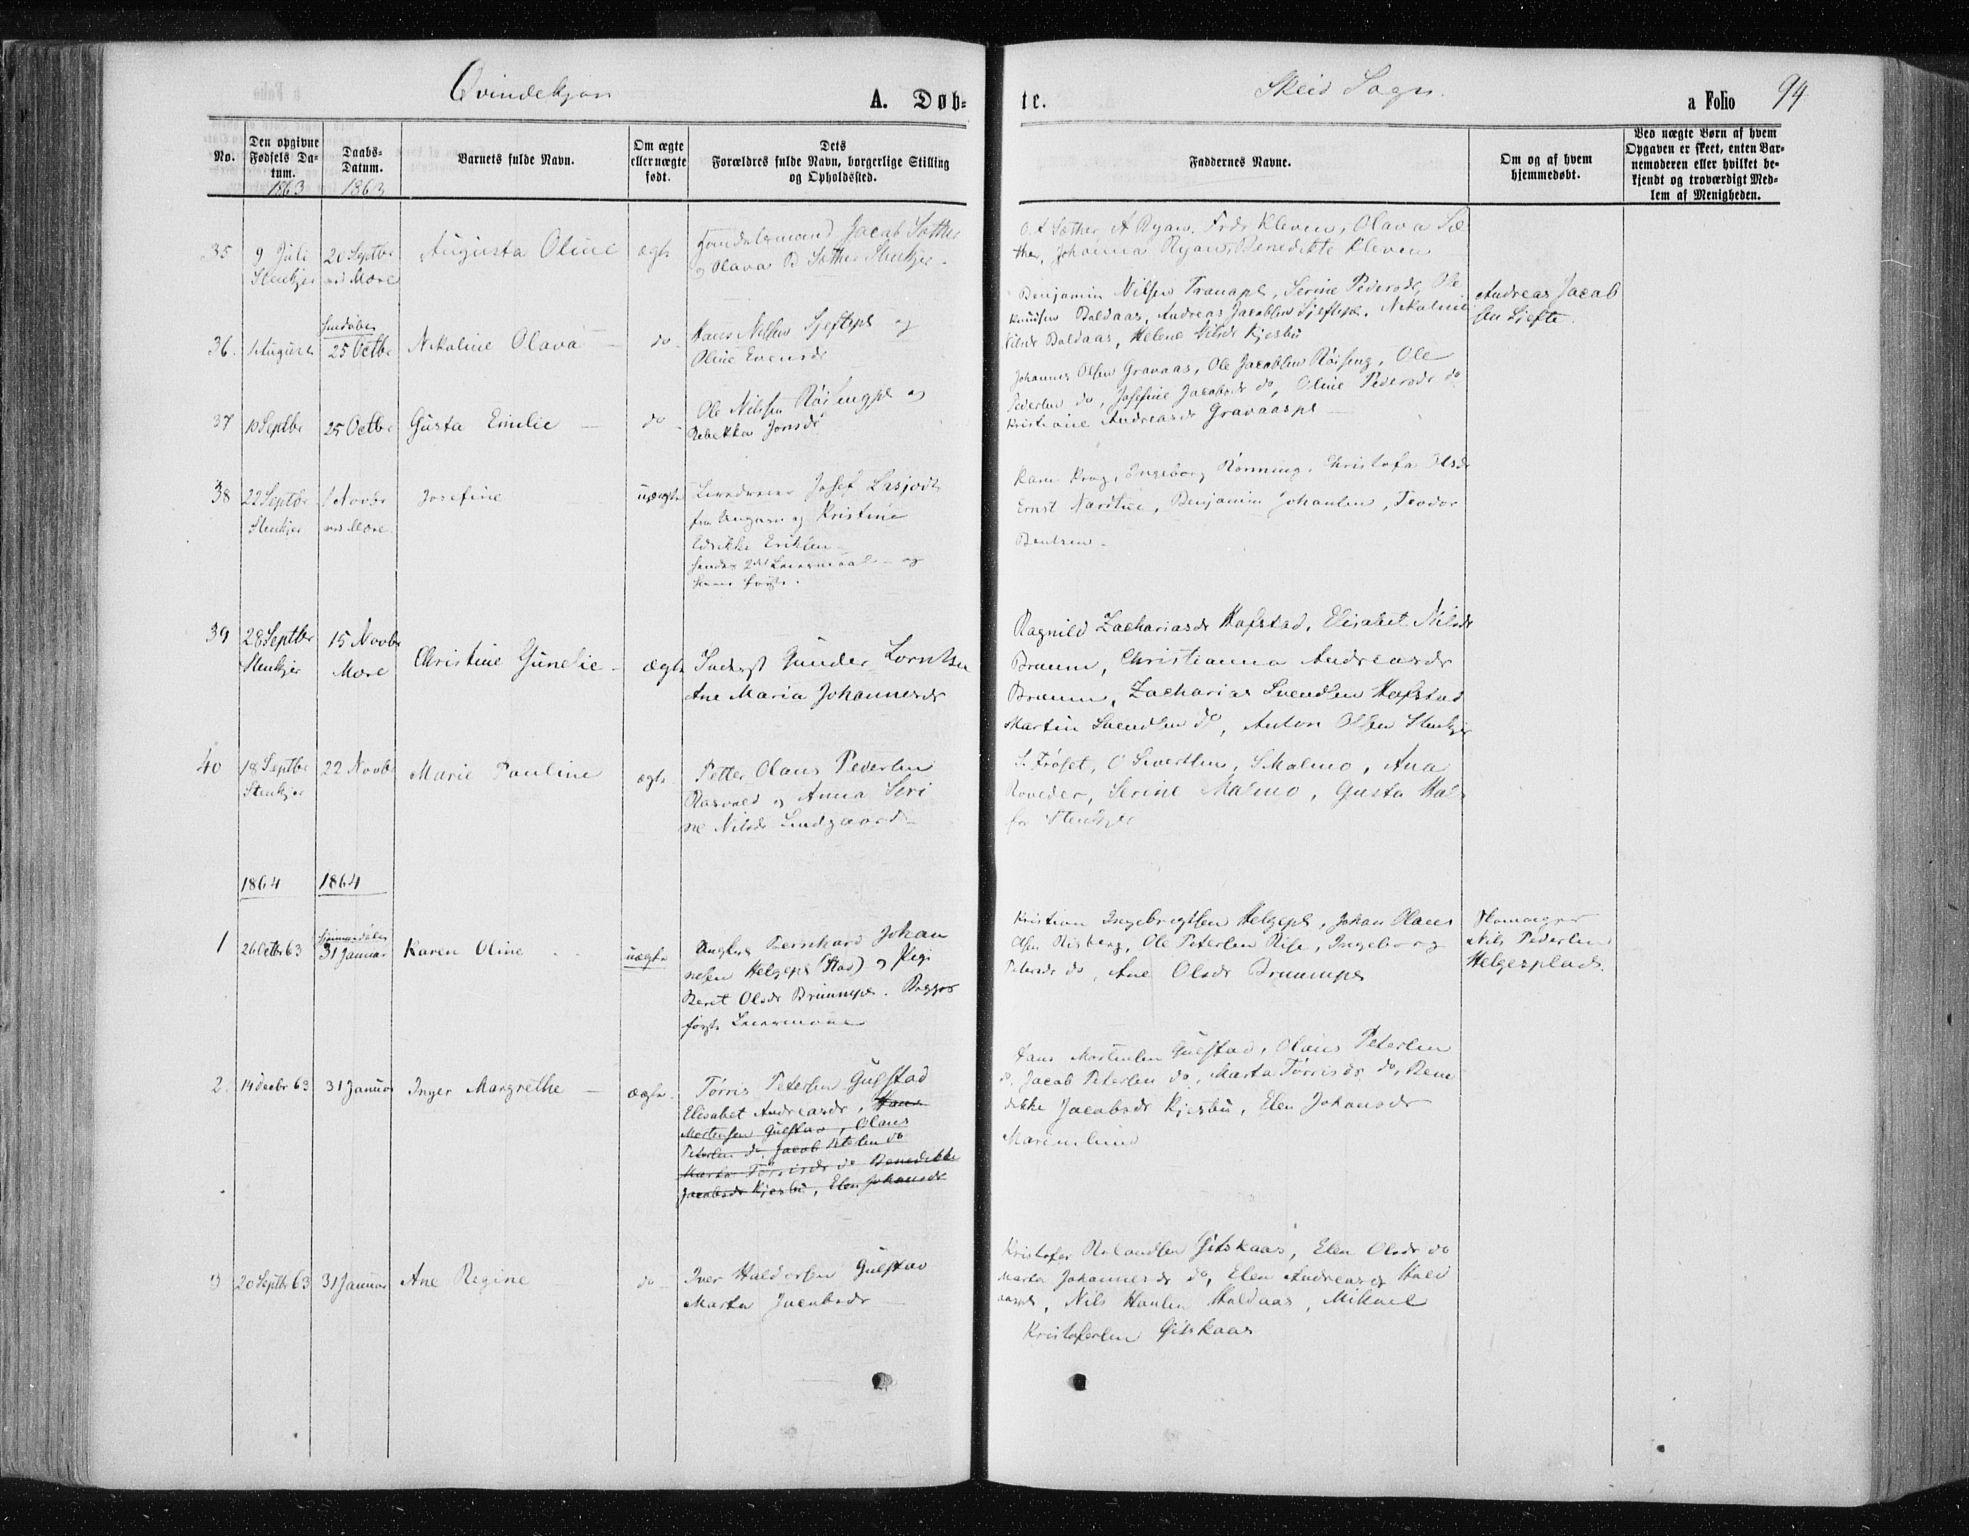 SAT, Ministerialprotokoller, klokkerbøker og fødselsregistre - Nord-Trøndelag, 735/L0345: Ministerialbok nr. 735A08 /2, 1863-1872, s. 94